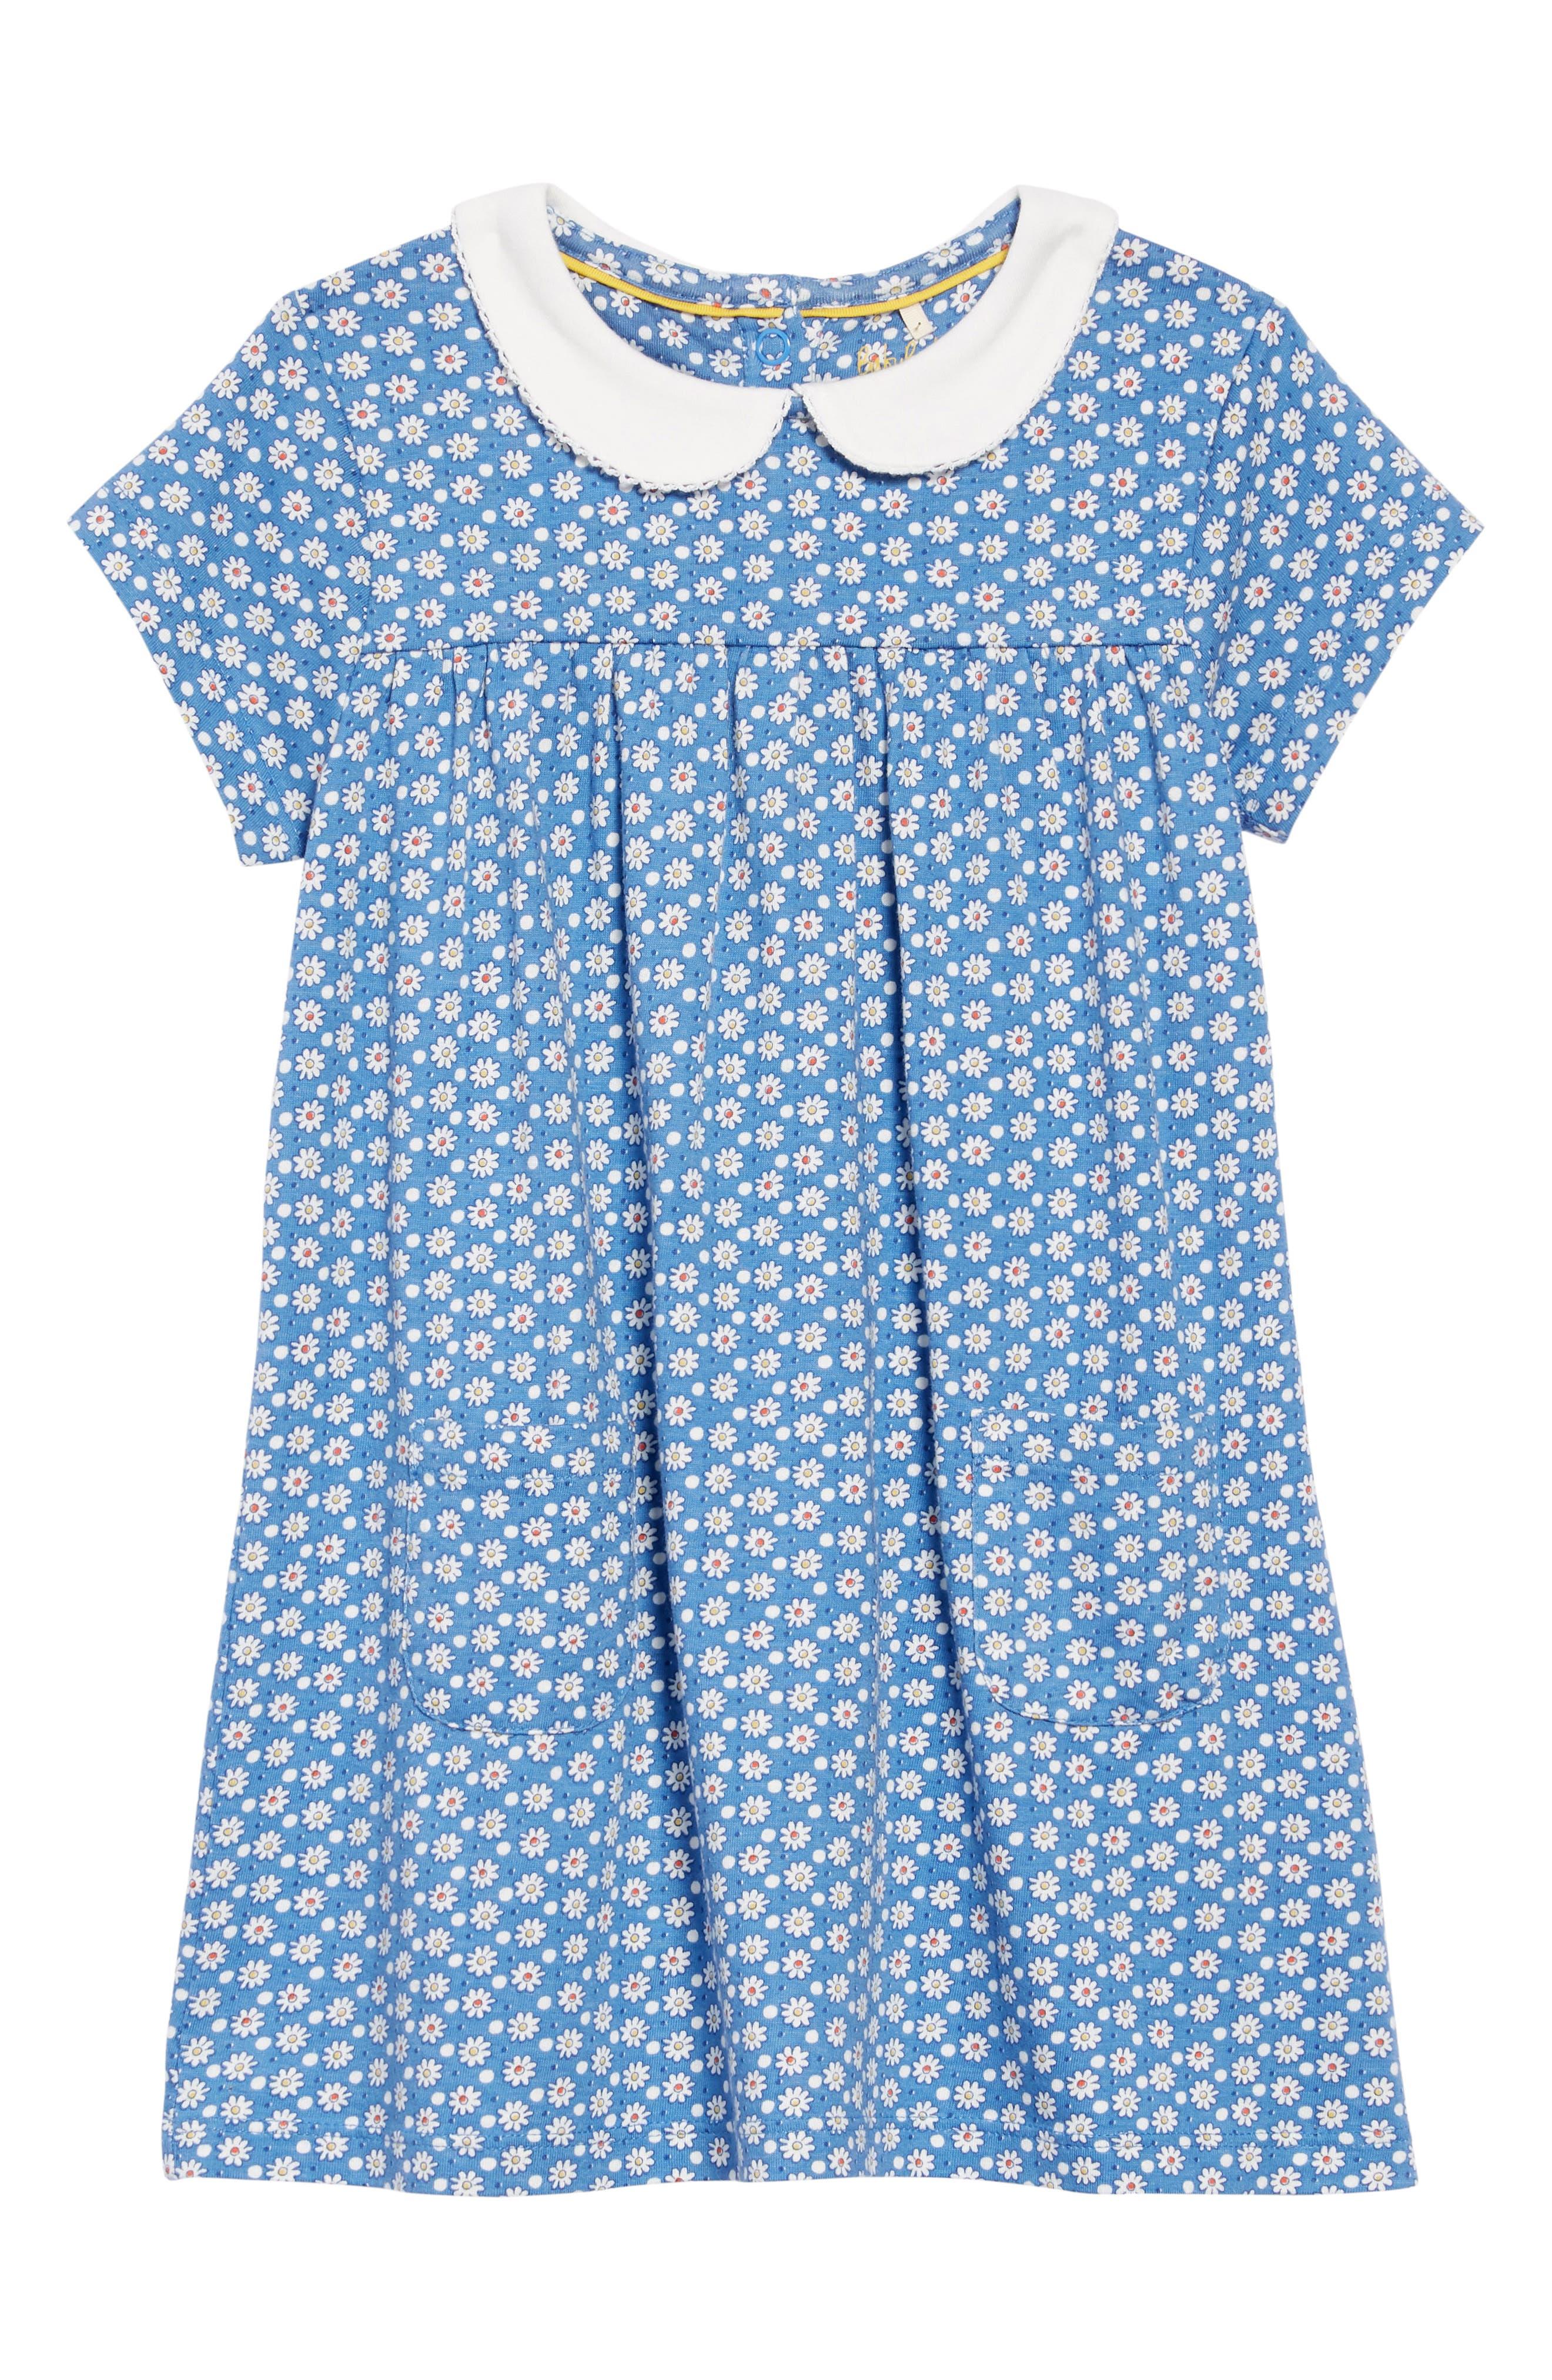 6e81a7ee508b Toddler Girl s Mini Boden Peter Pan Collar Jersey Dress